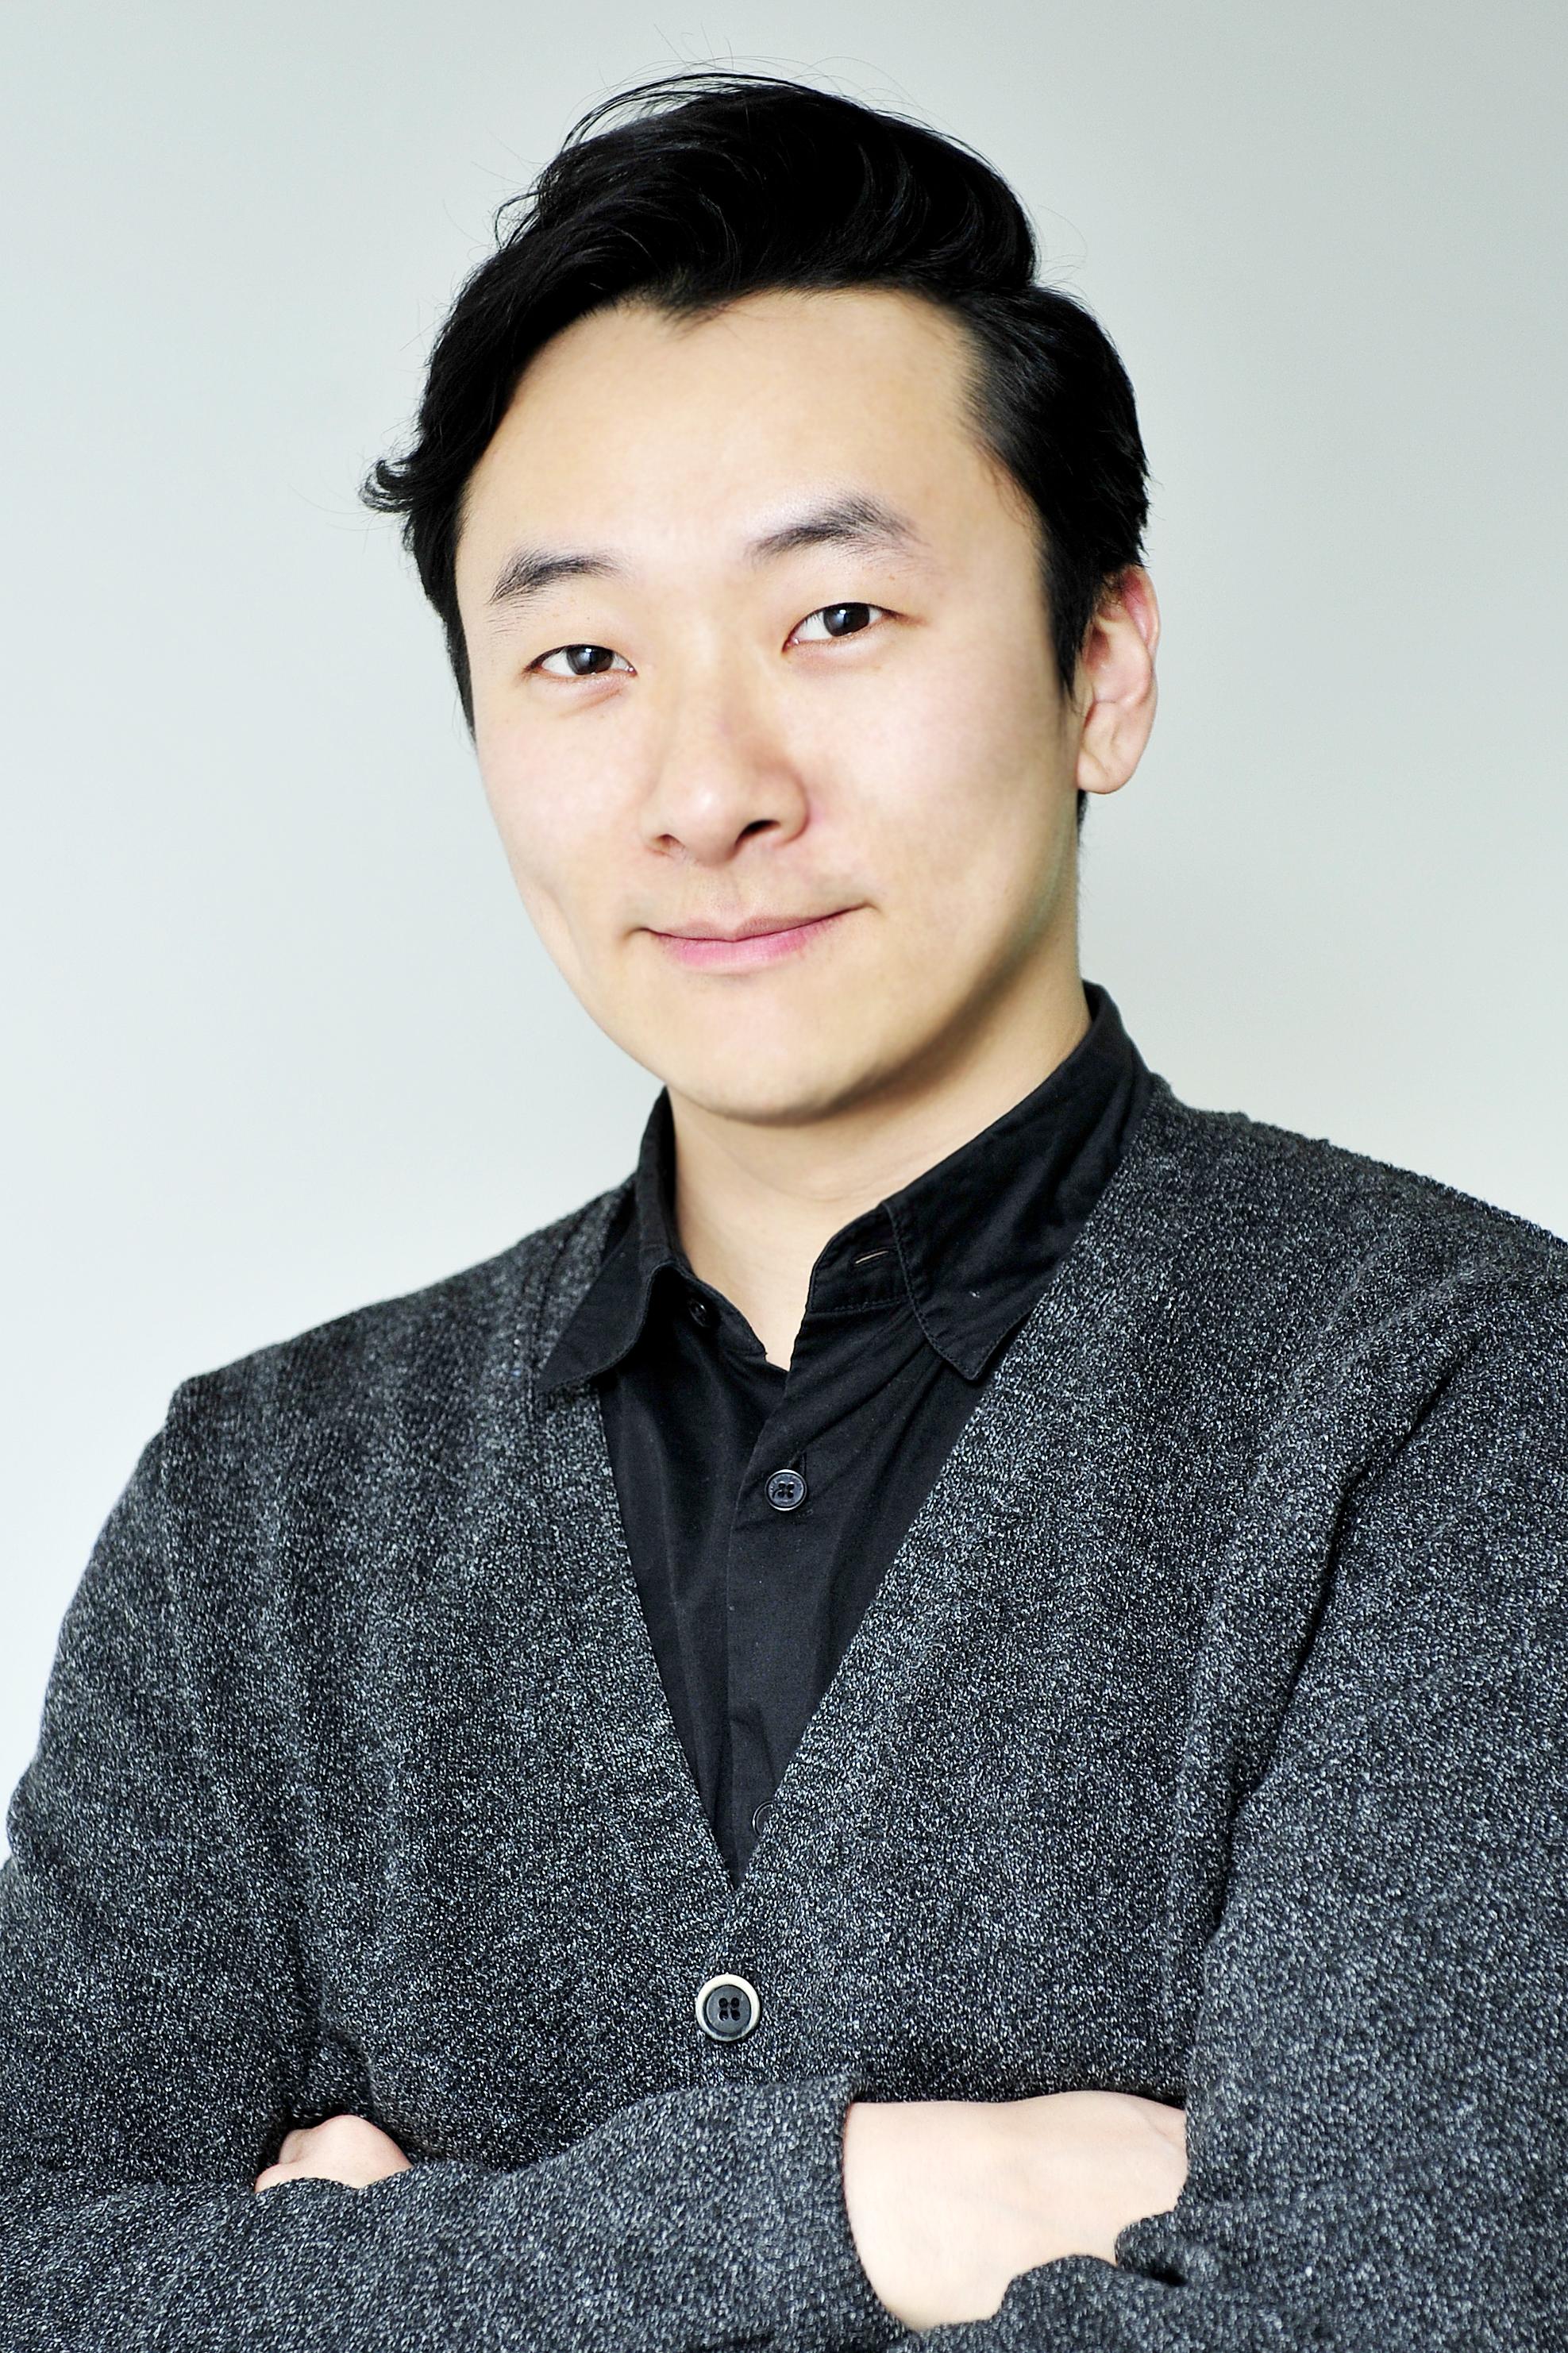 김보승 한국투자증권 분당PB센터 PB팀장